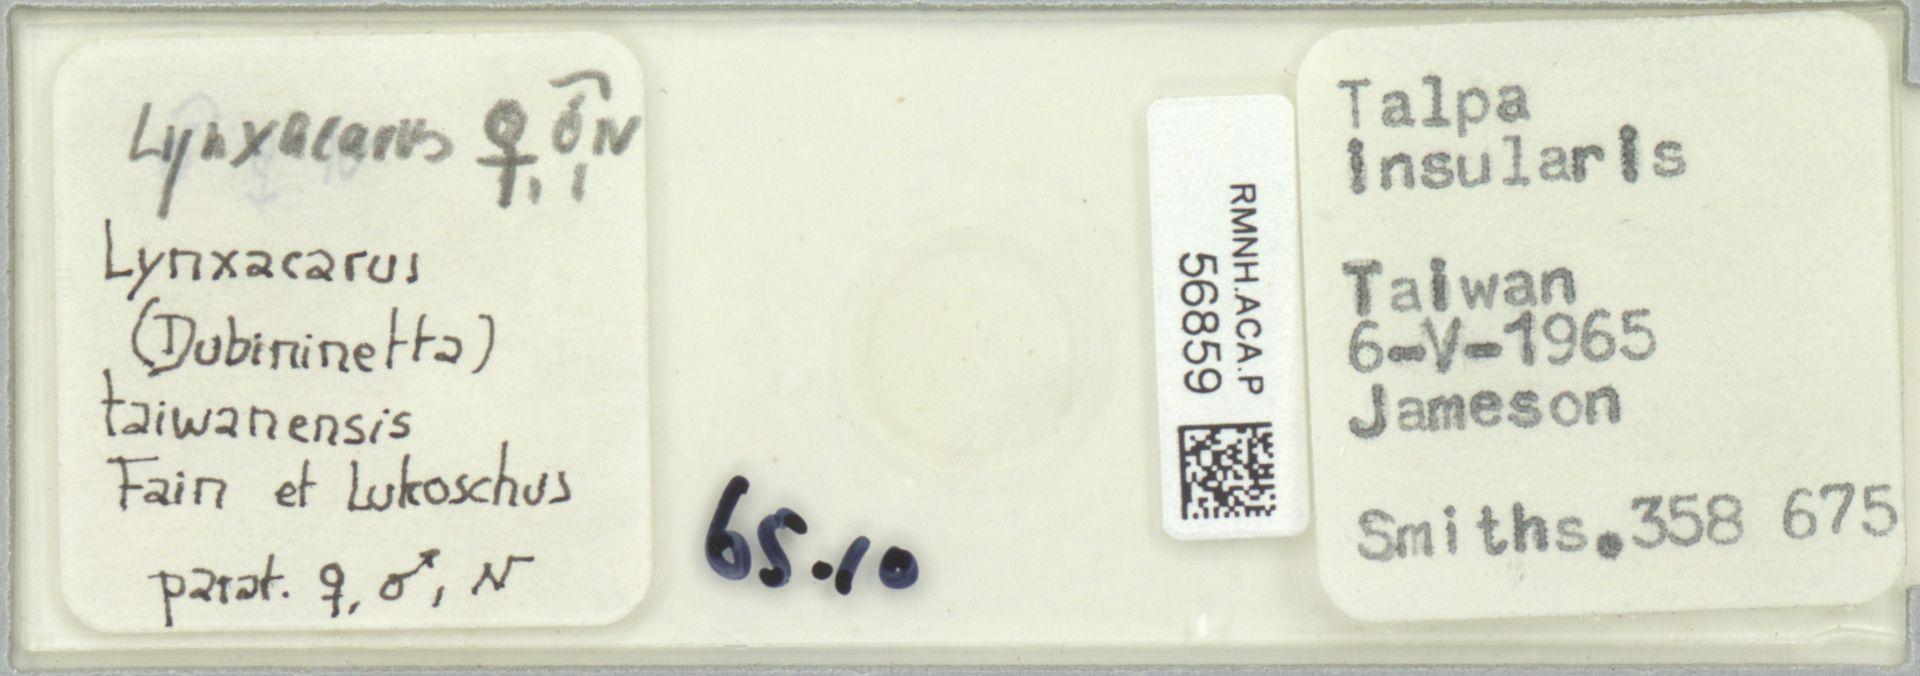 RMNH.ACA.P.56859 | Lynxacarus (Dubininetta) taiwanensis Fain et Lukoschus